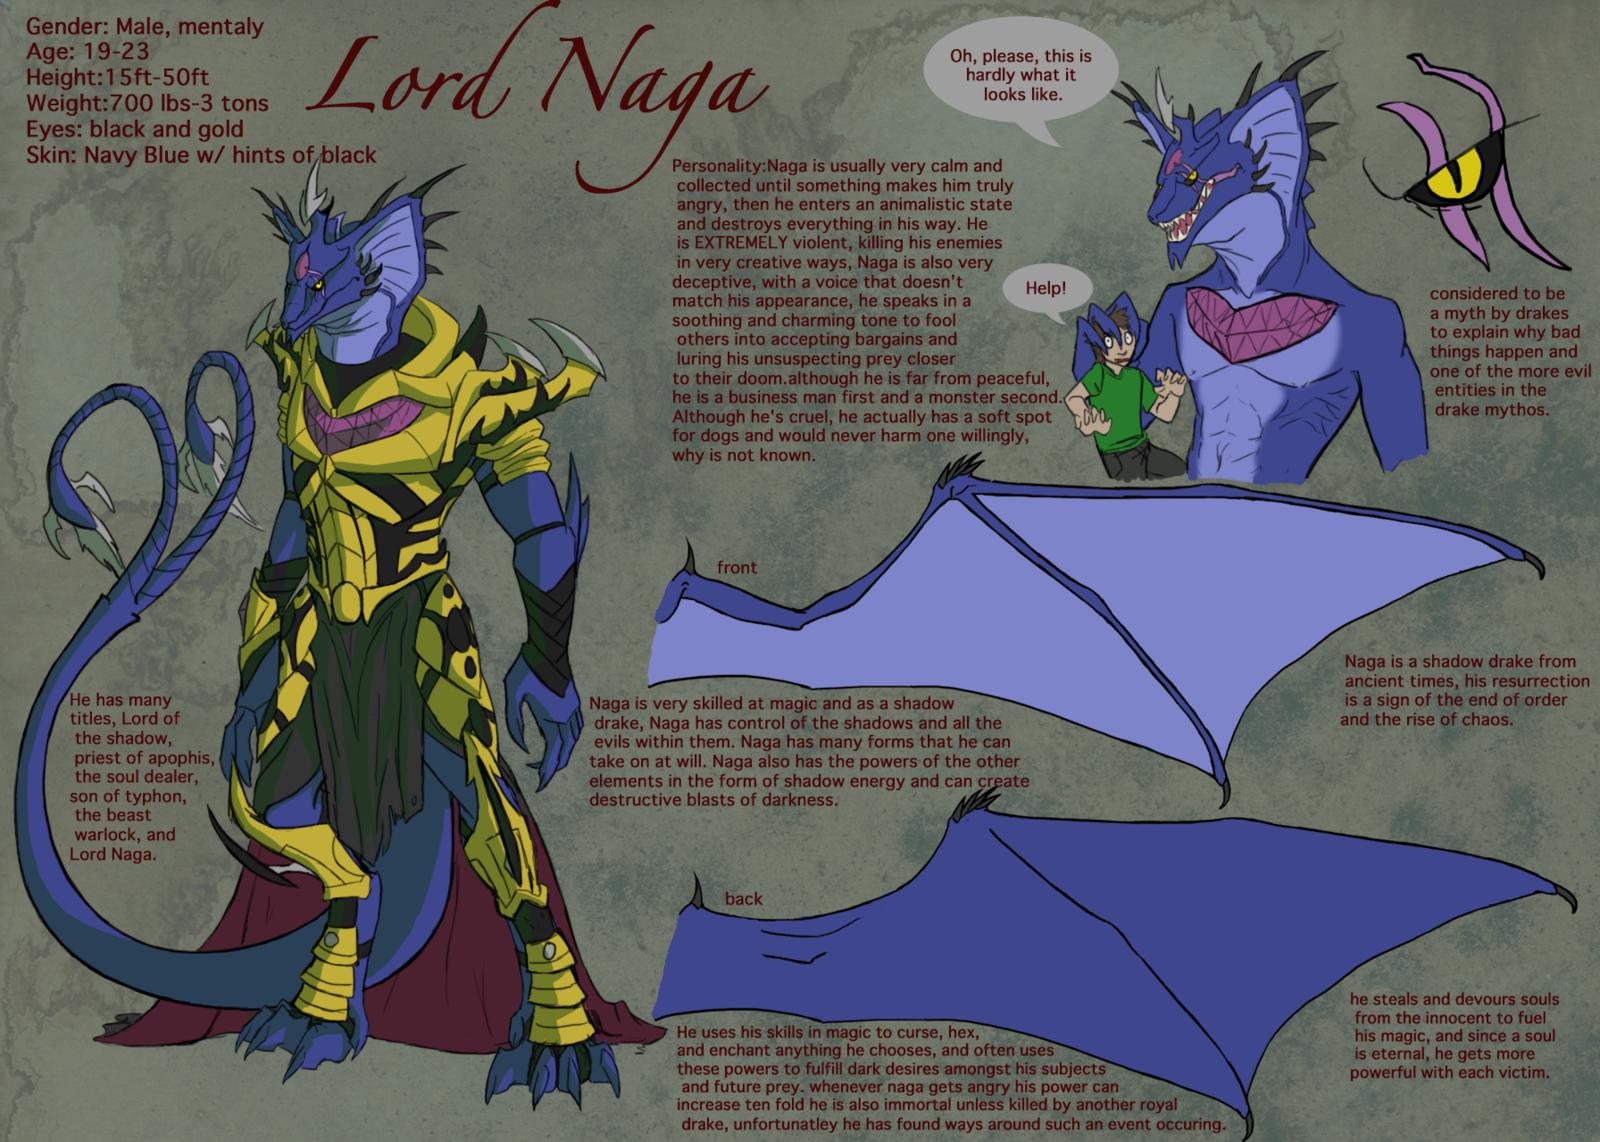 Lord Naga wallpapers, Comics, HQ Lord Naga pictures | 4K